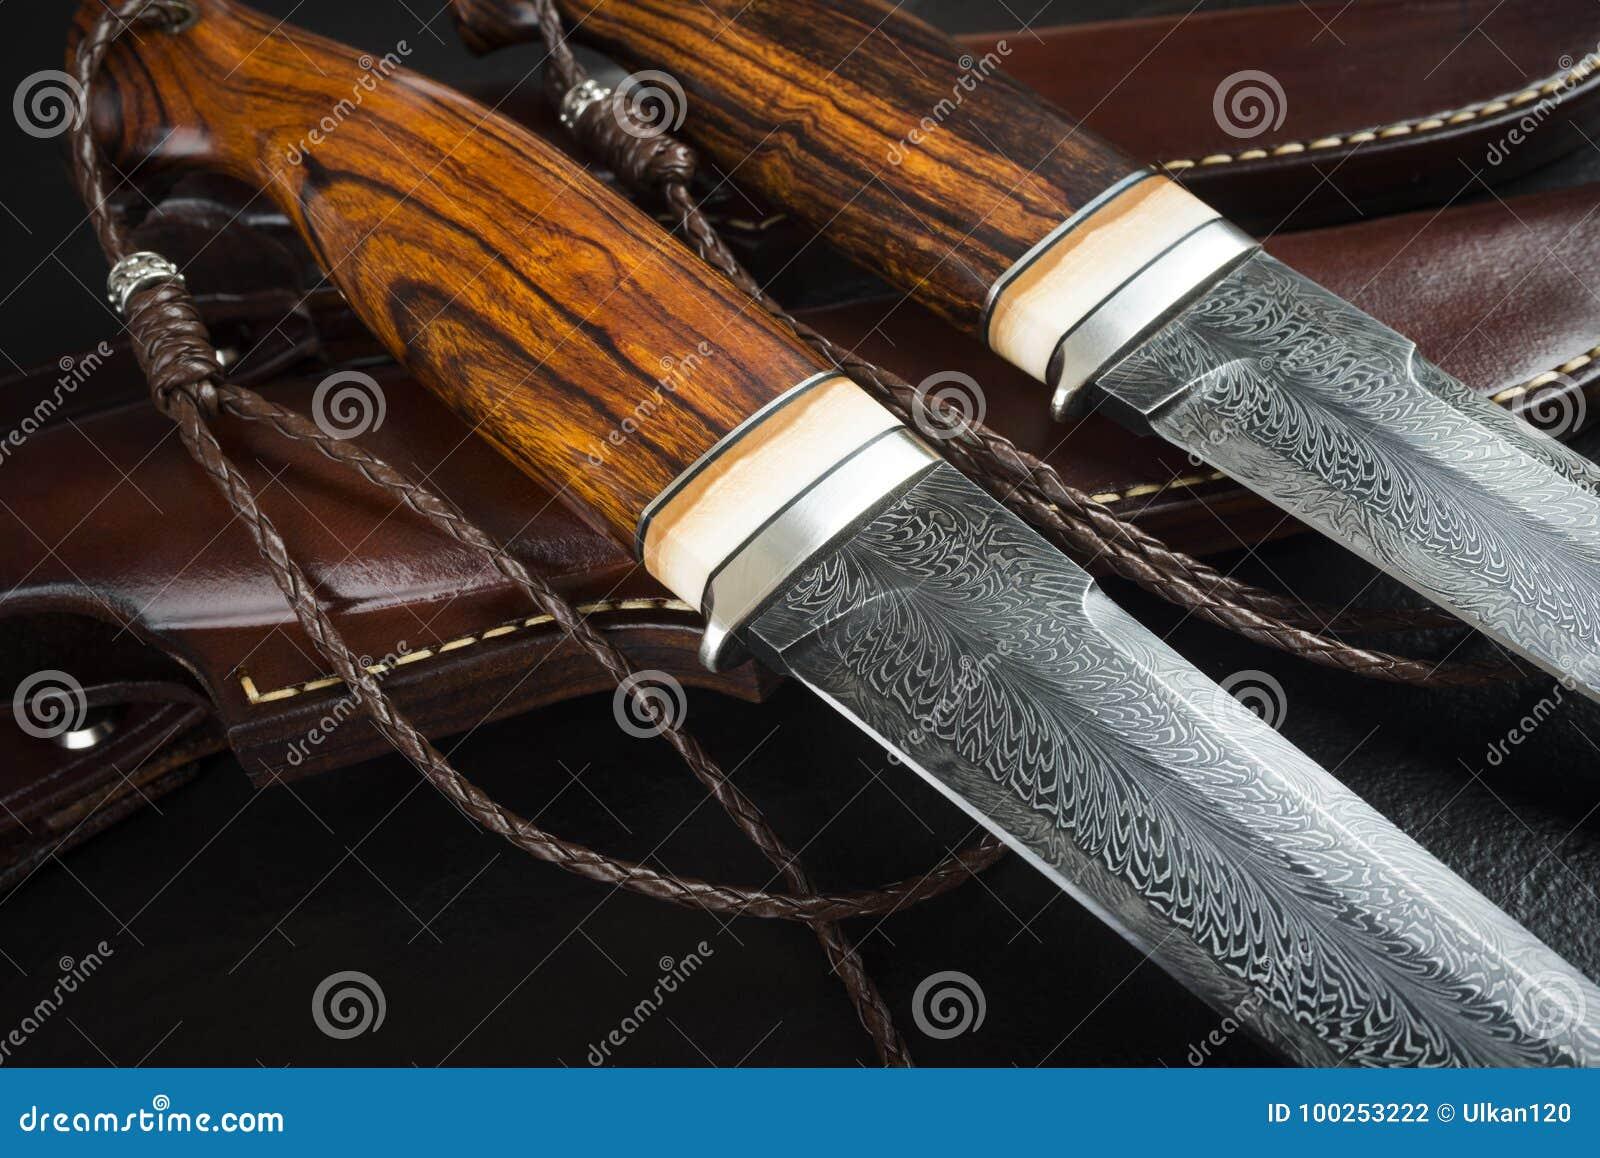 Łowiecki nóż od Damaszek mozaiki na drewnianym tle Rzemienny Sheath Handmade